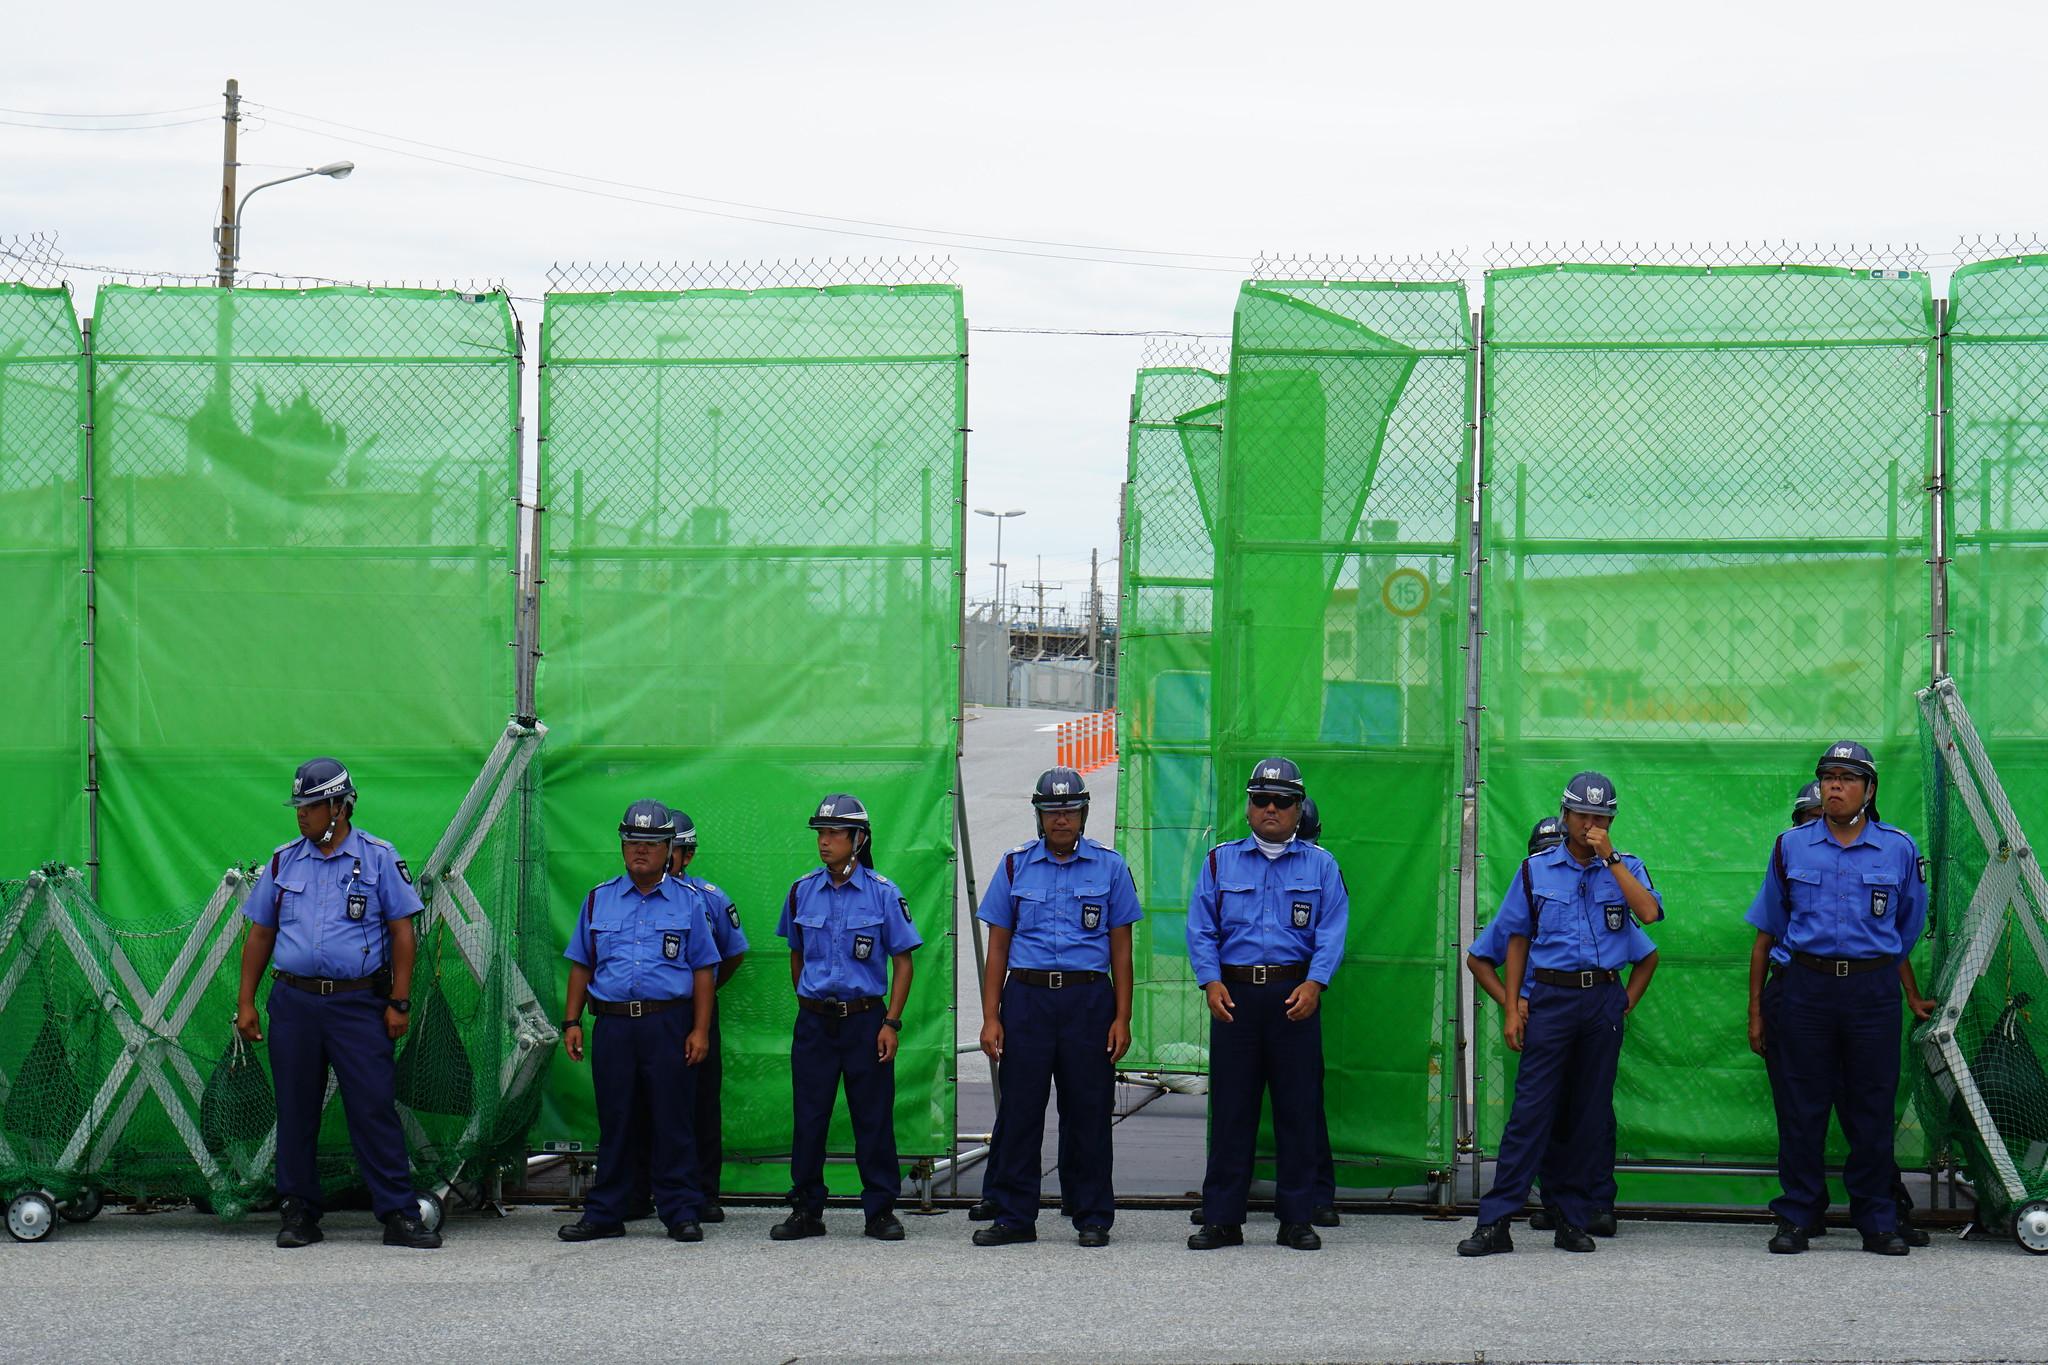 史瓦普軍營大門警衛駐守森嚴。(攝影:王顥中)